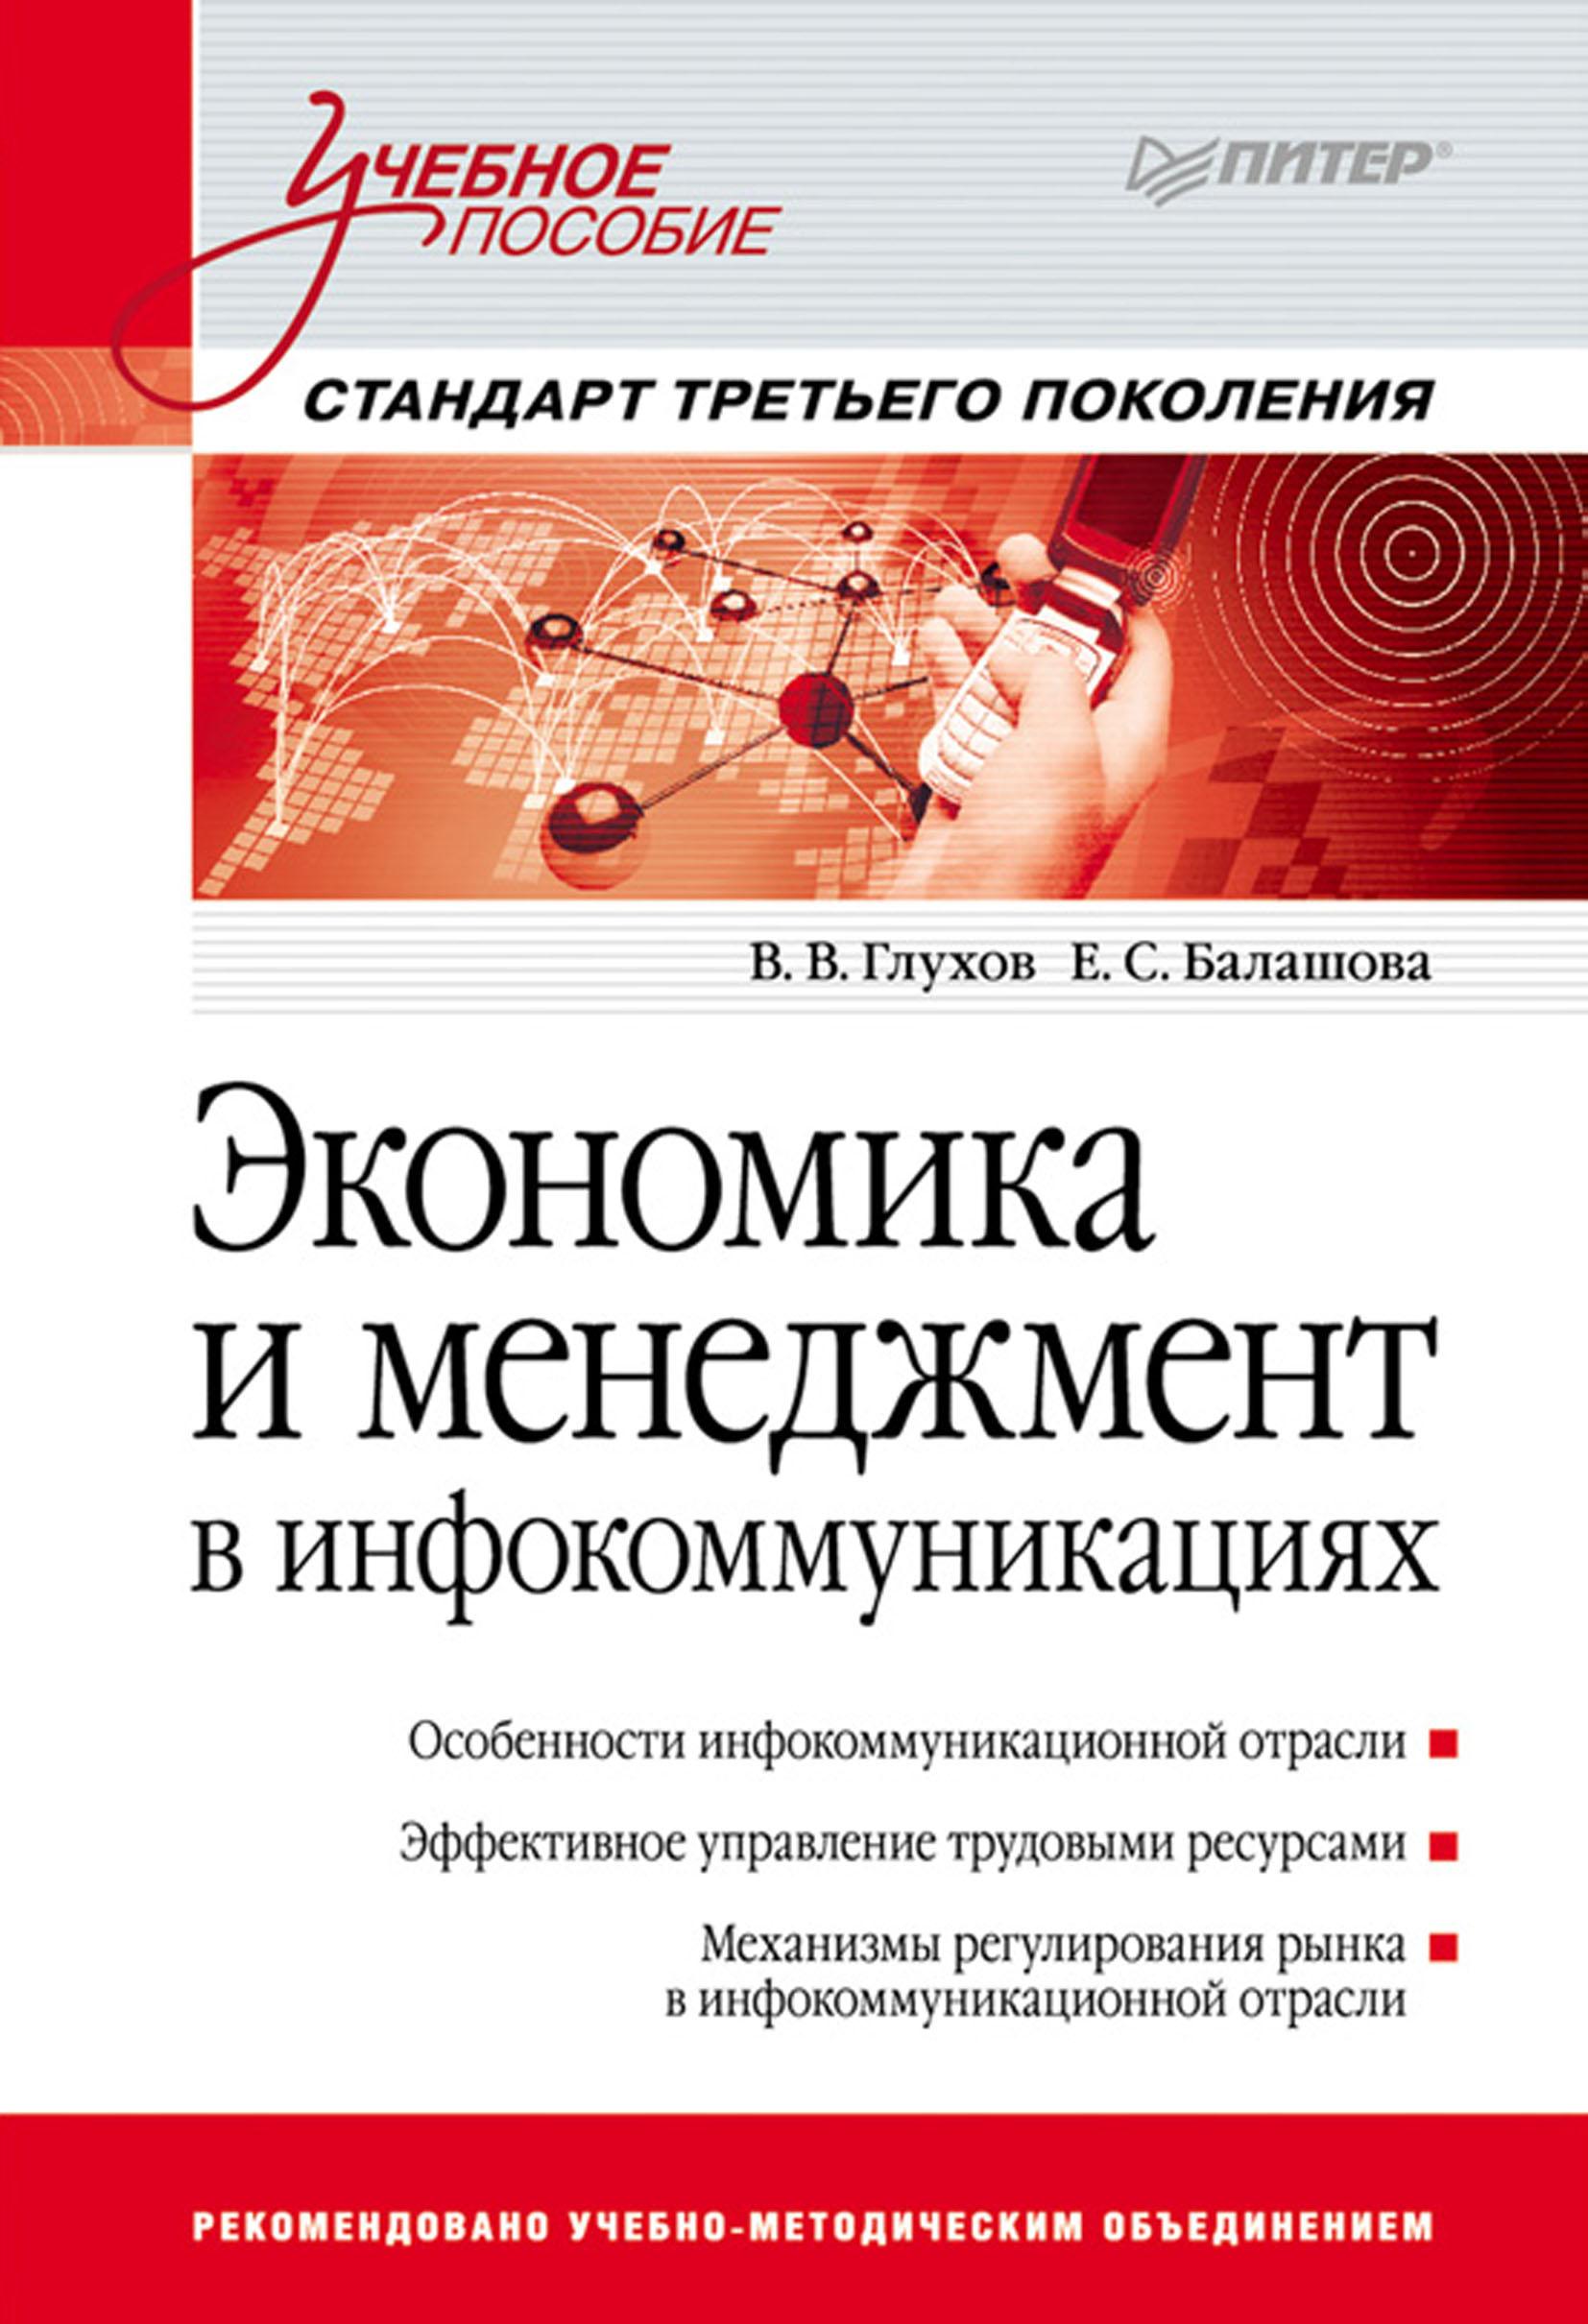 В. В. Глухов Экономика и менеджмент в инфокоммуникациях. Учебное пособие корабельные оптические системы связи